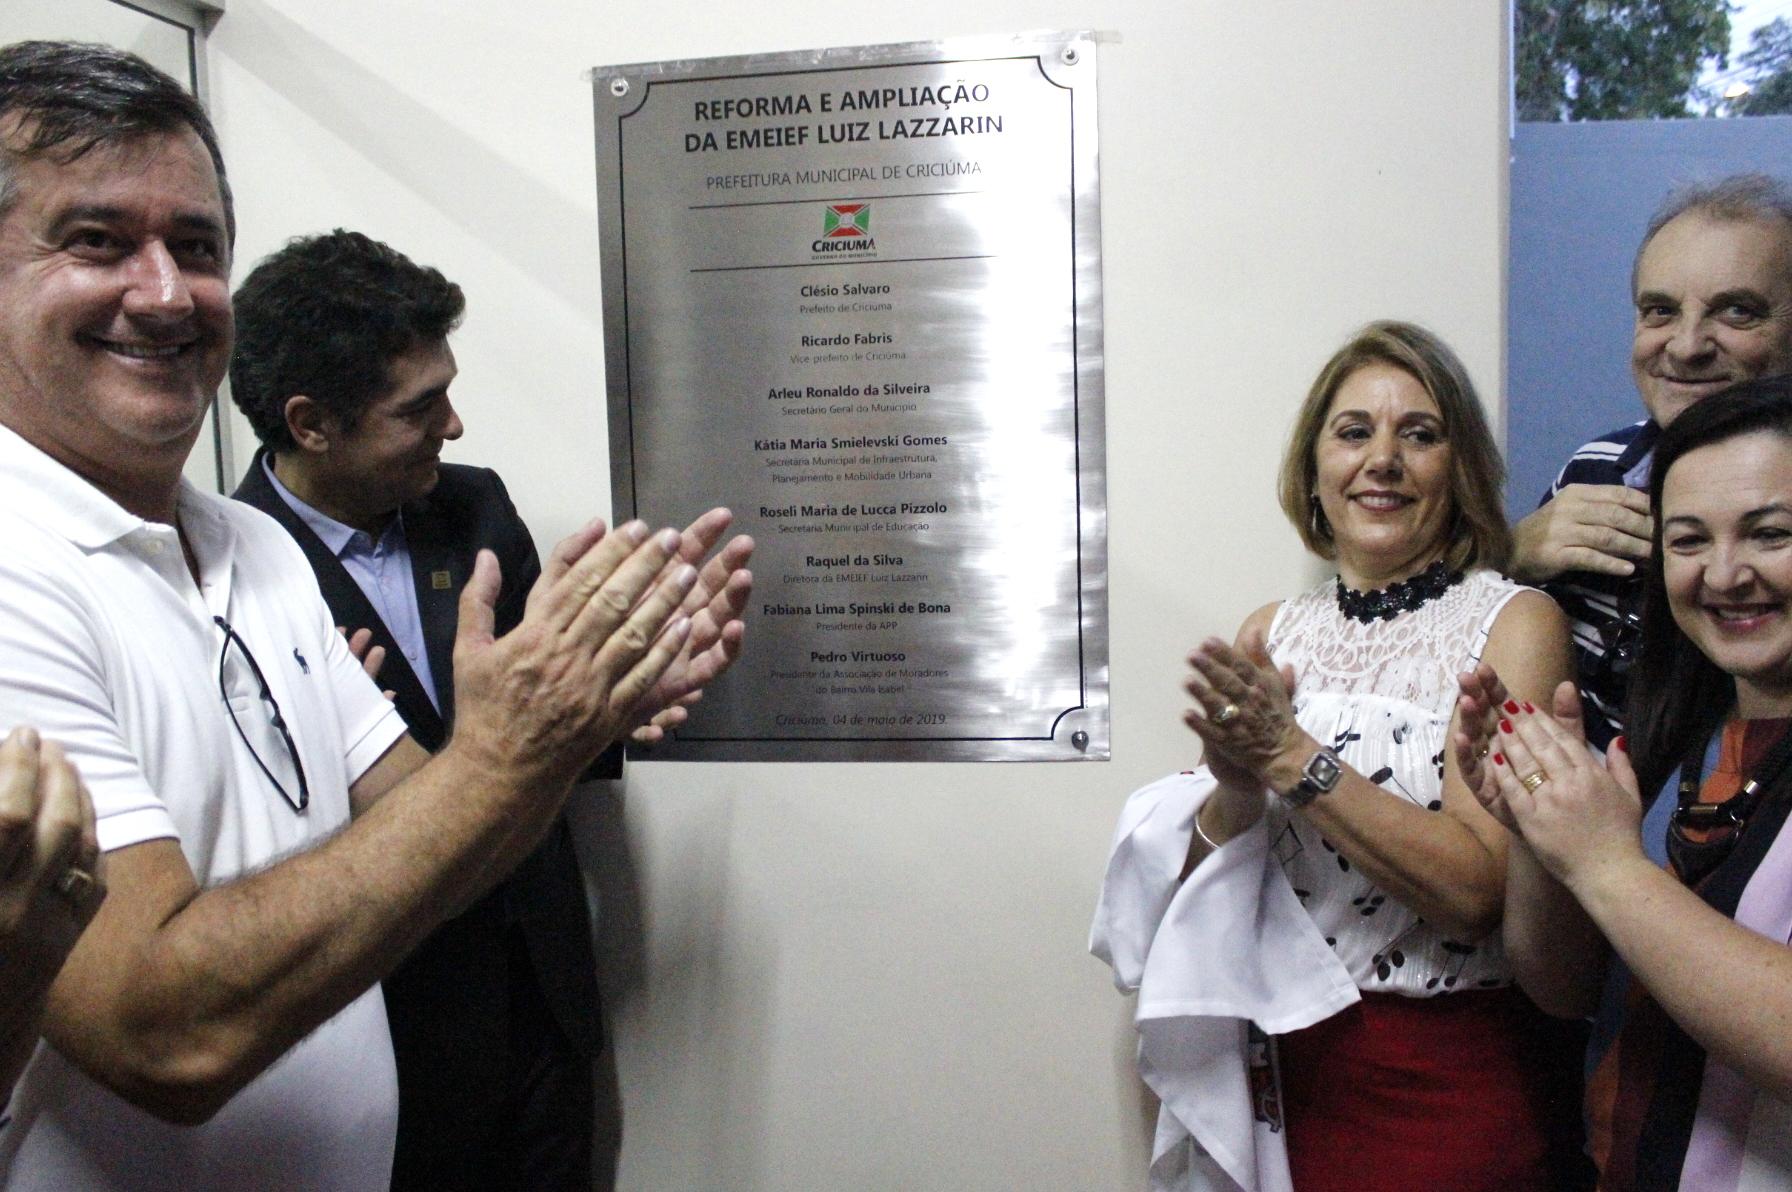 Prefeitura Municipal de Criciúma - Reforma na Escola Municipal Luiz Lazzarin é inaugurada com festa, homenagens e resgate histórico